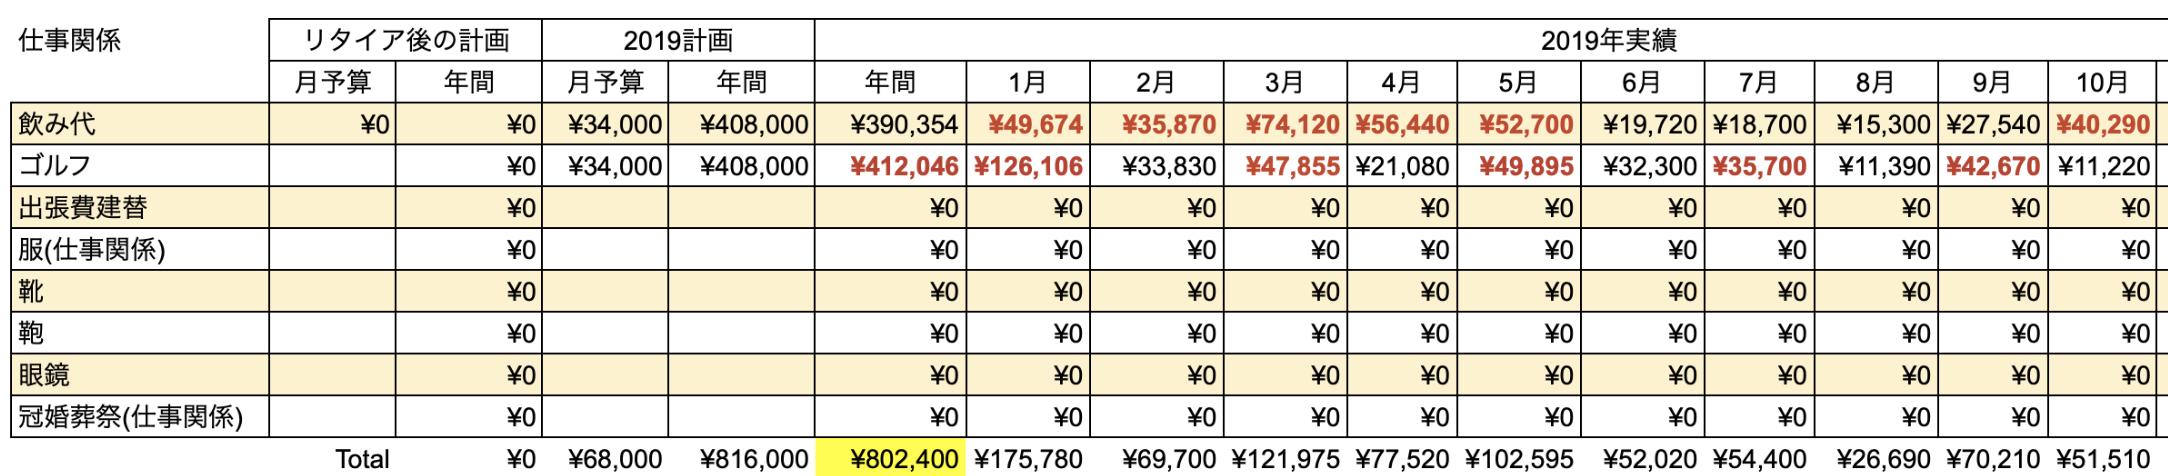 支出実績2019_10月_仕事関係費